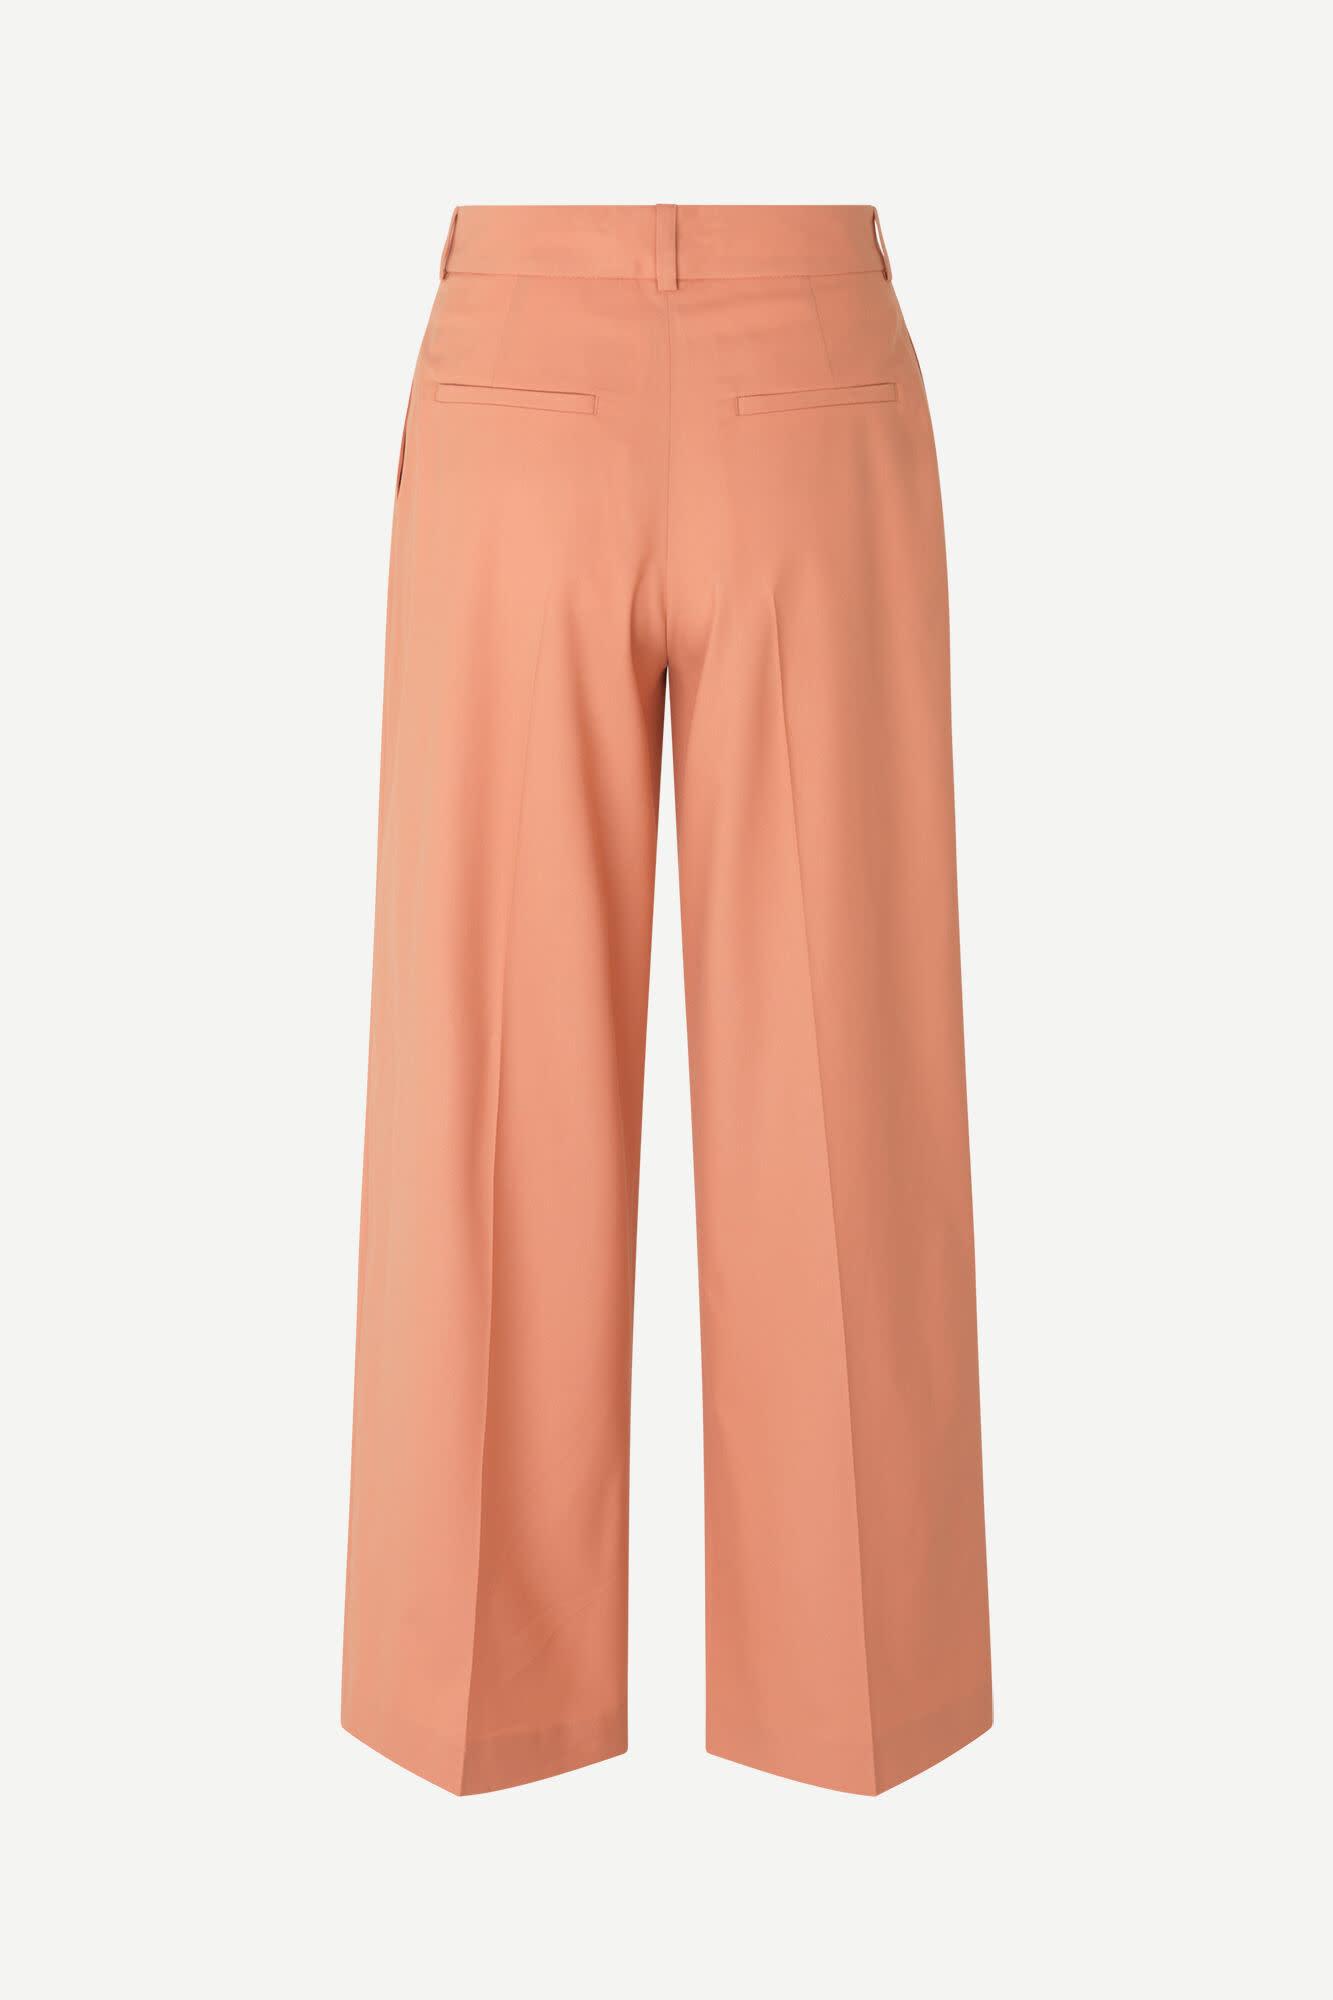 Zepherine Golden Ochre Trousers-1